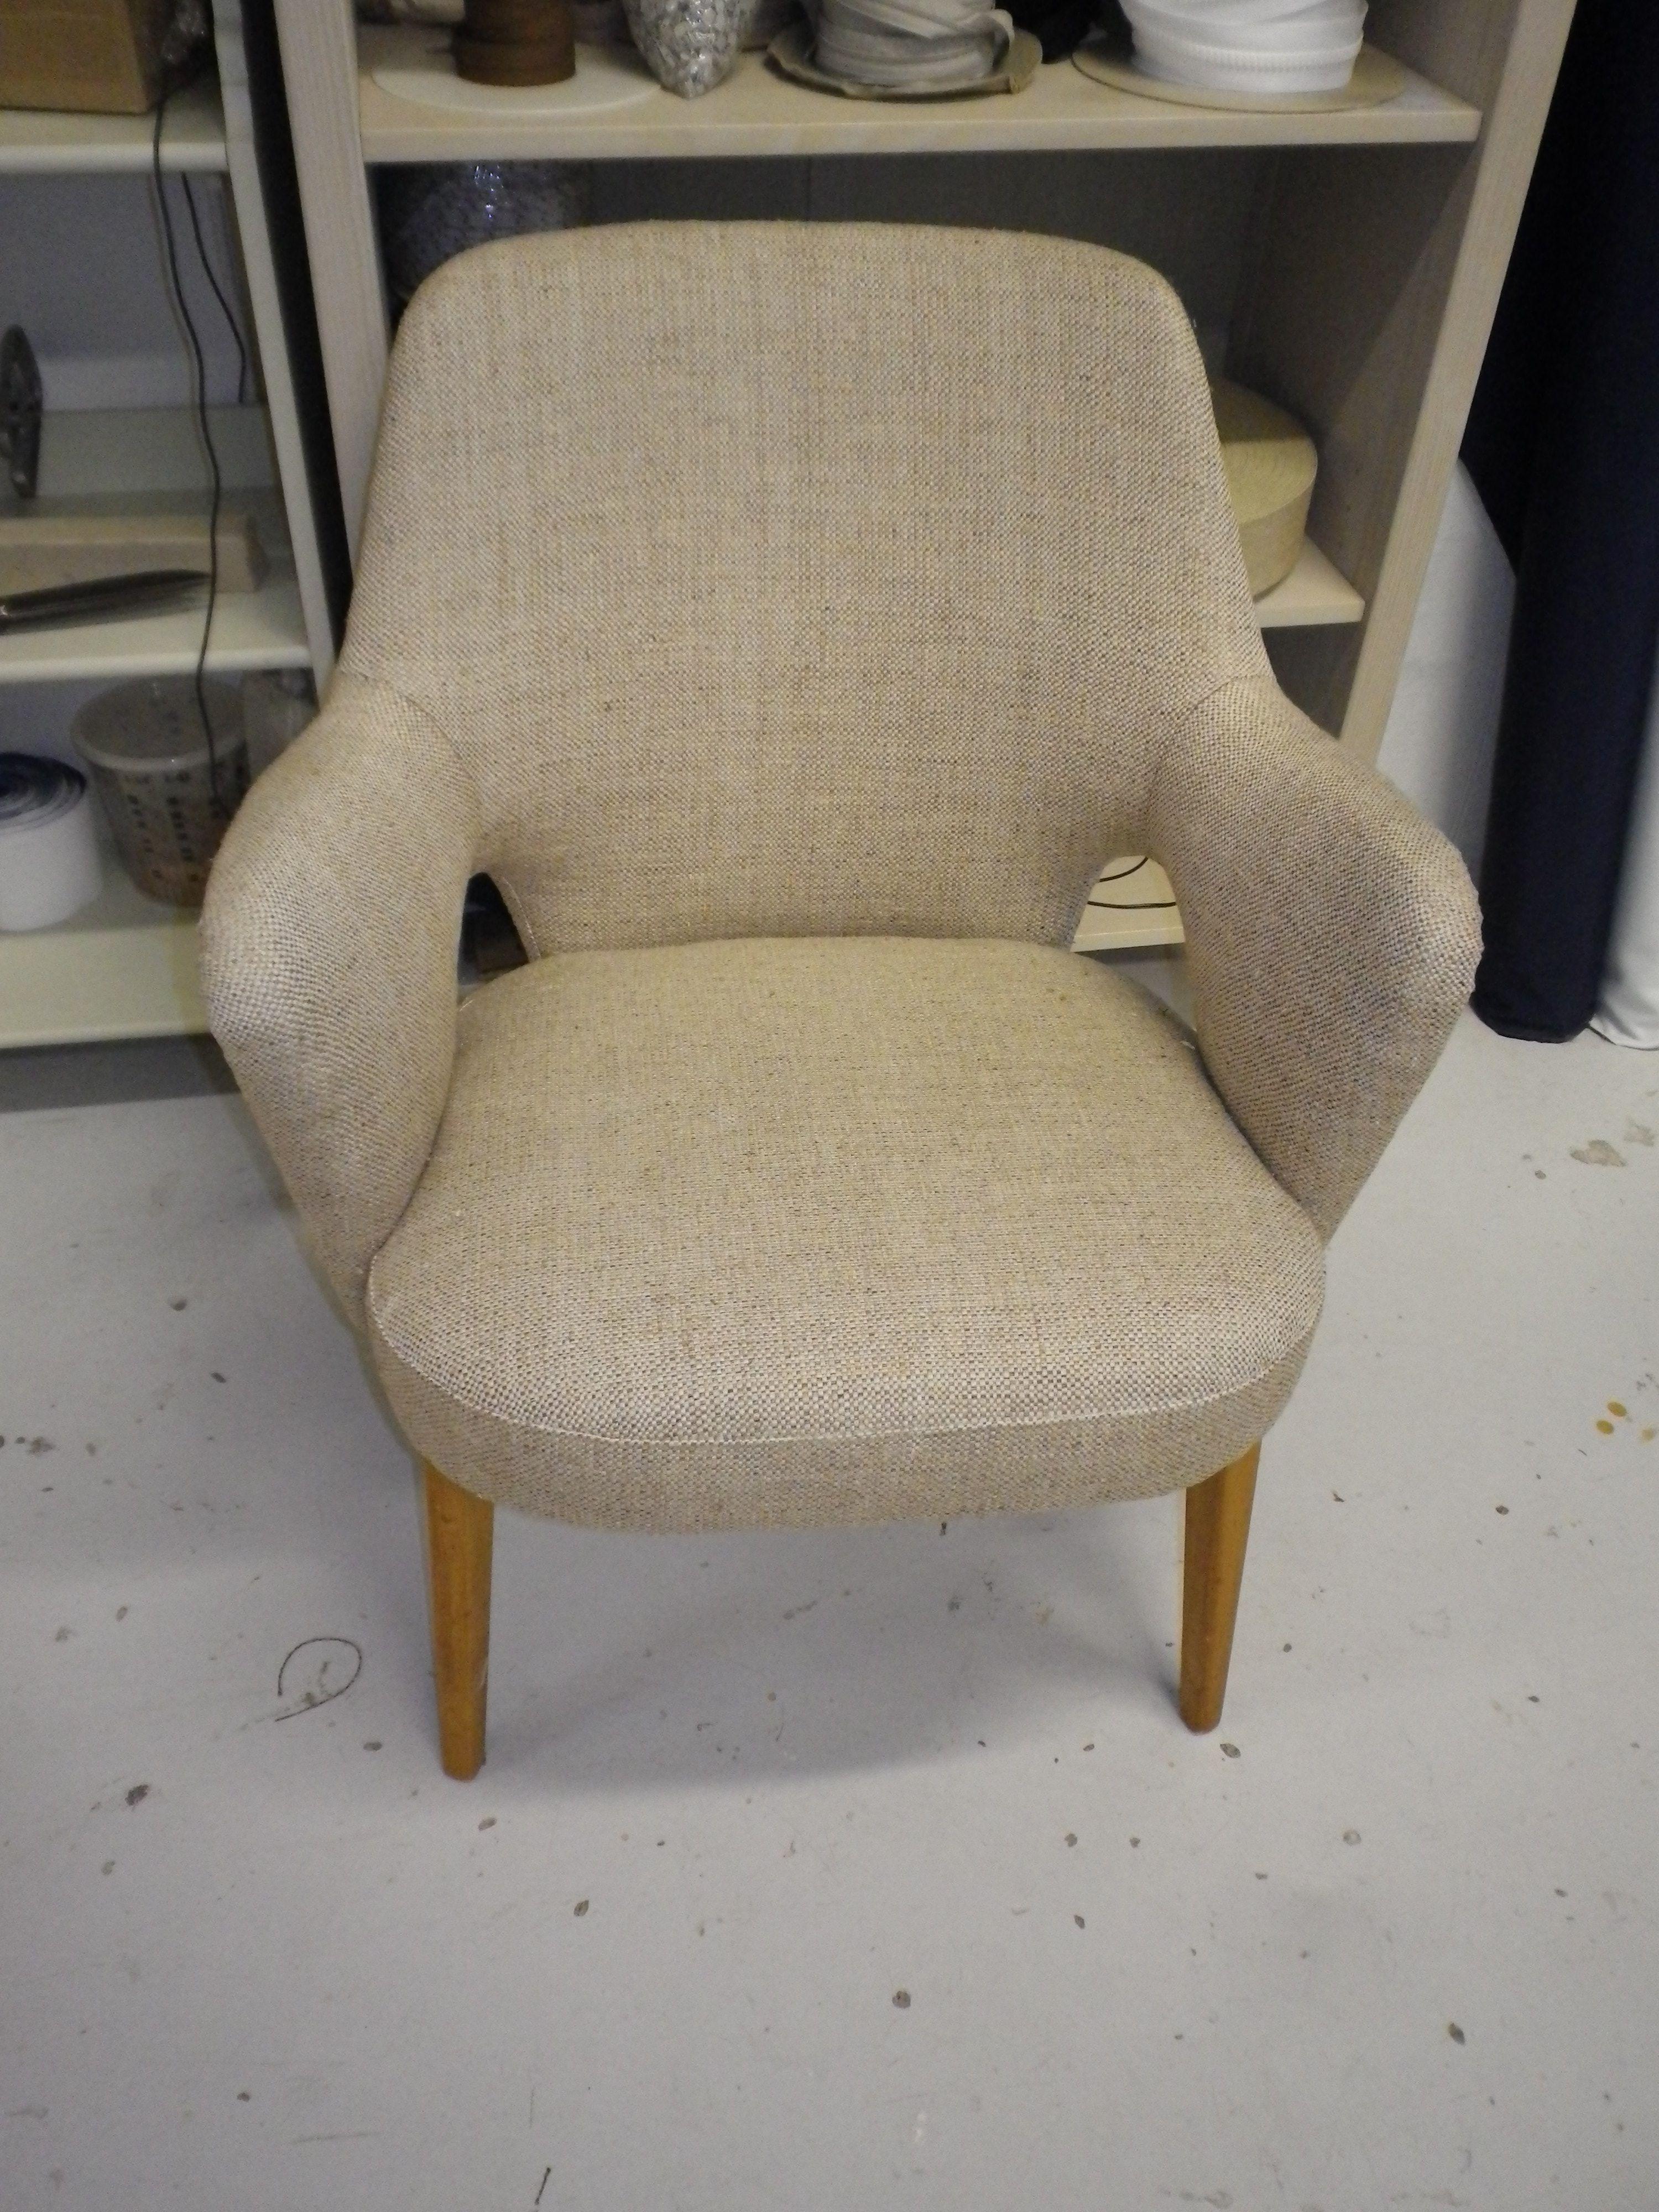 Hiort af Ornäs Pedro  50-luku tuoli uudelleen verhoiltuna